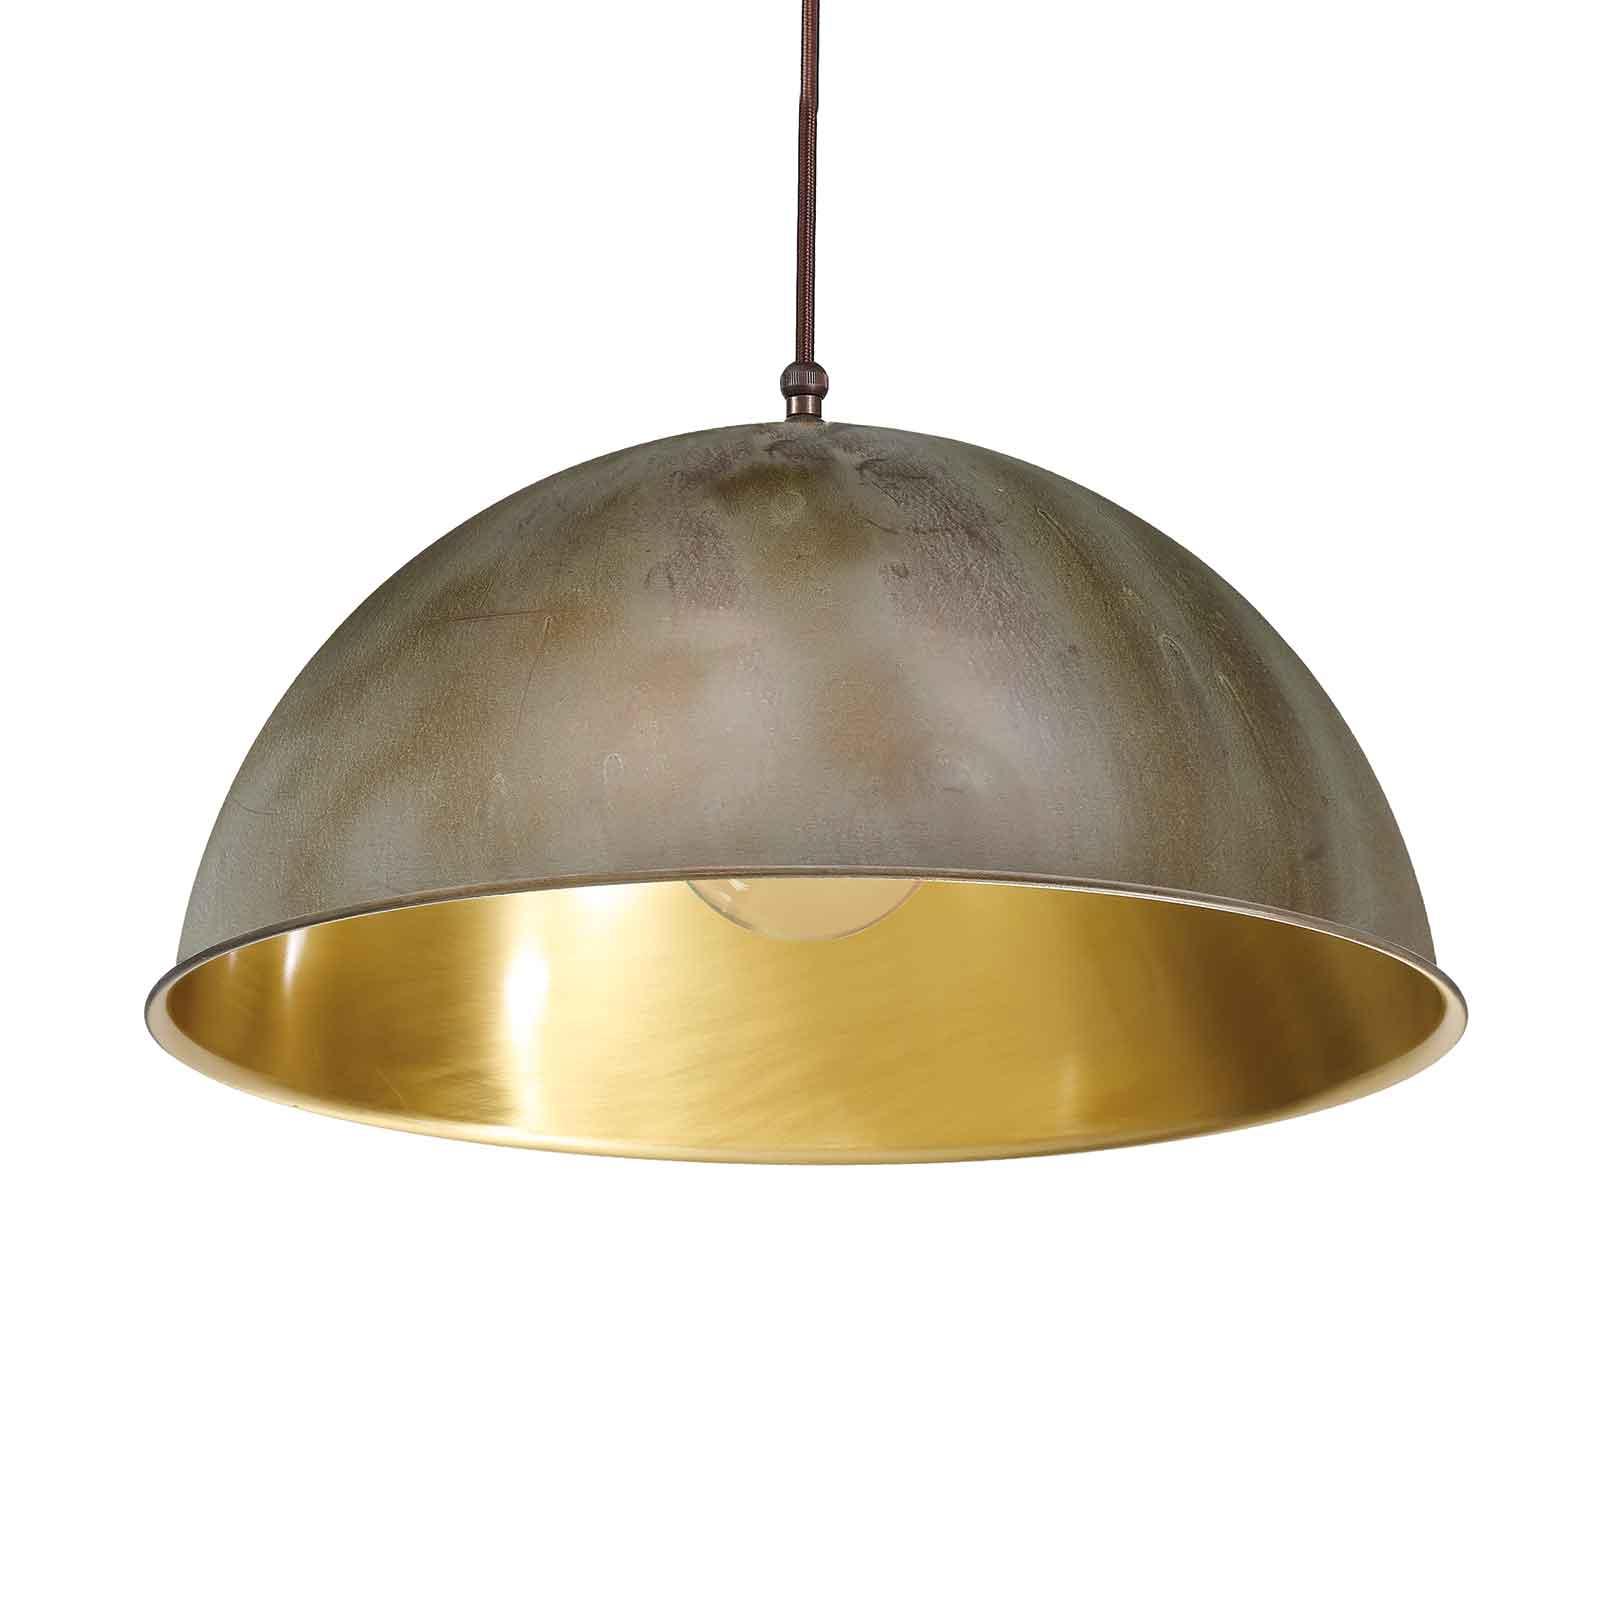 Riippuvalo Circle kulta/antiikkimessinki, Ø 30 cm